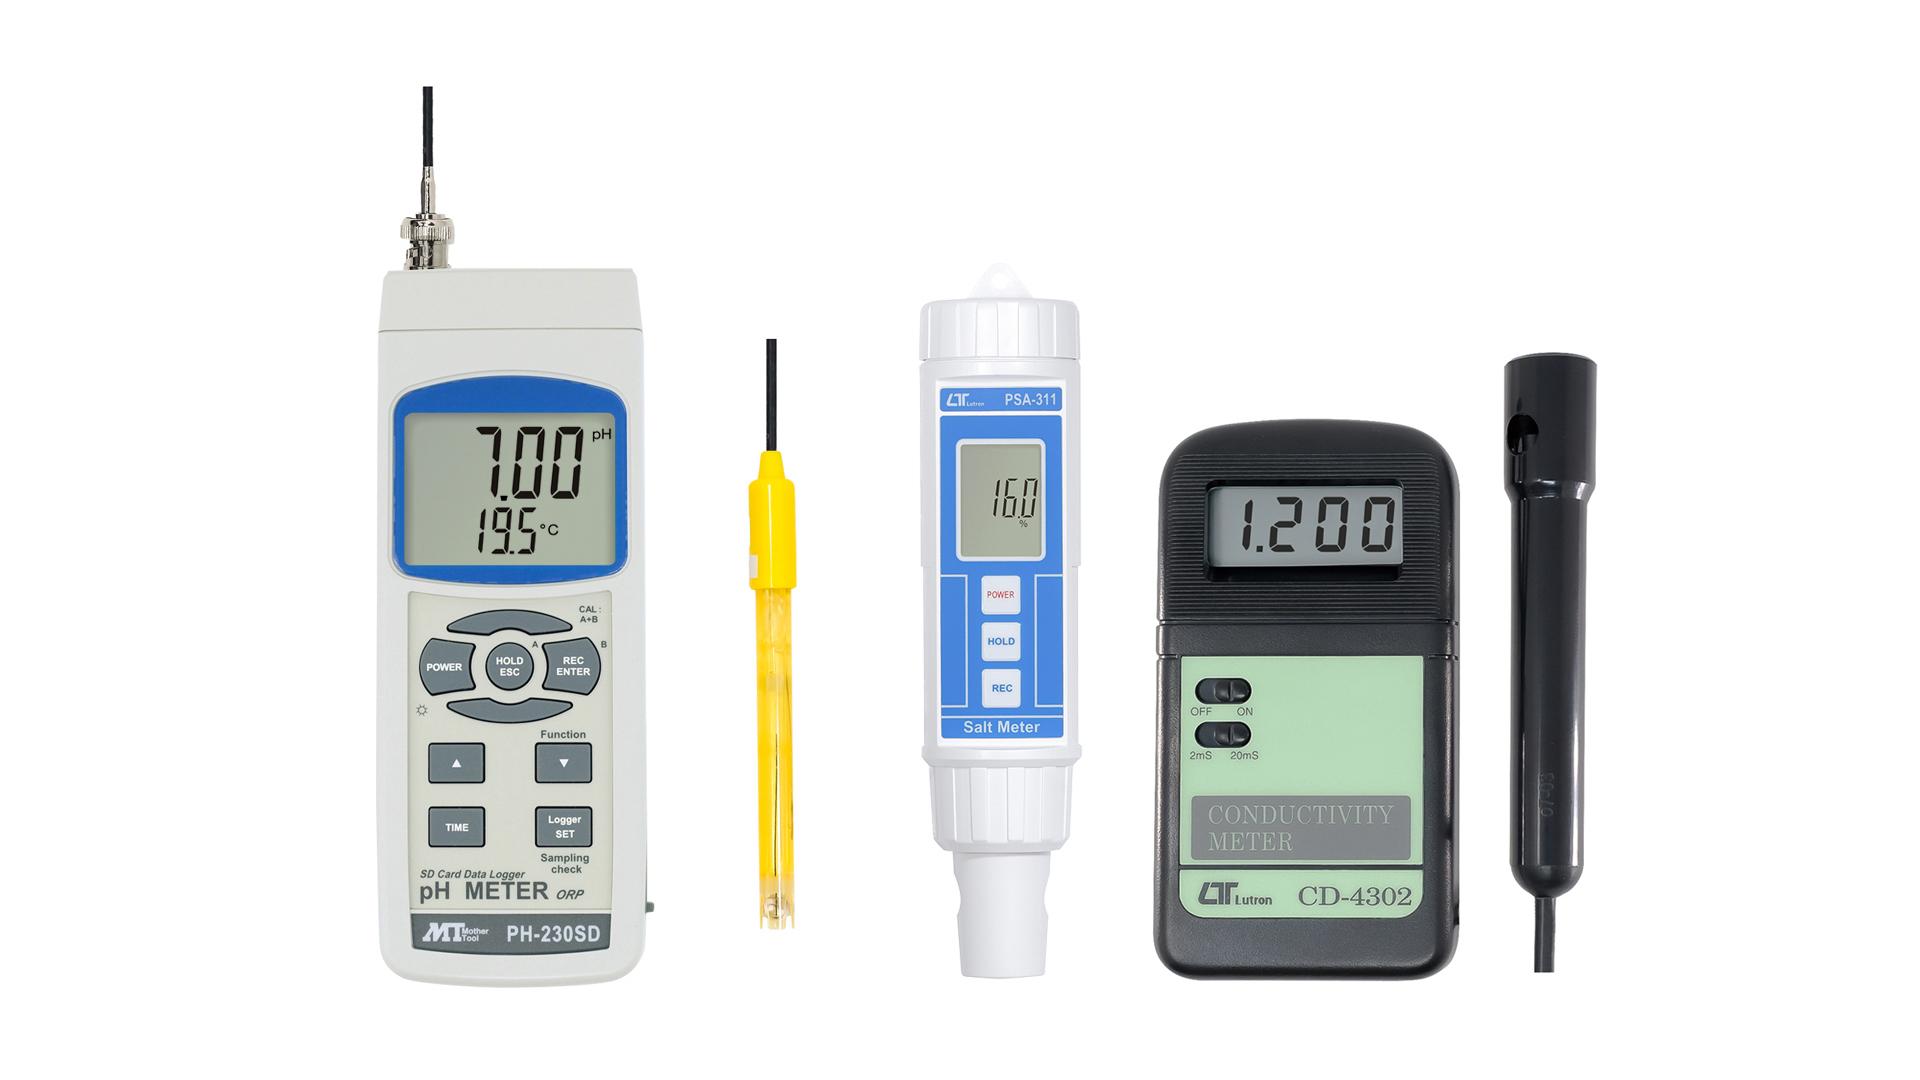 水質測定機器